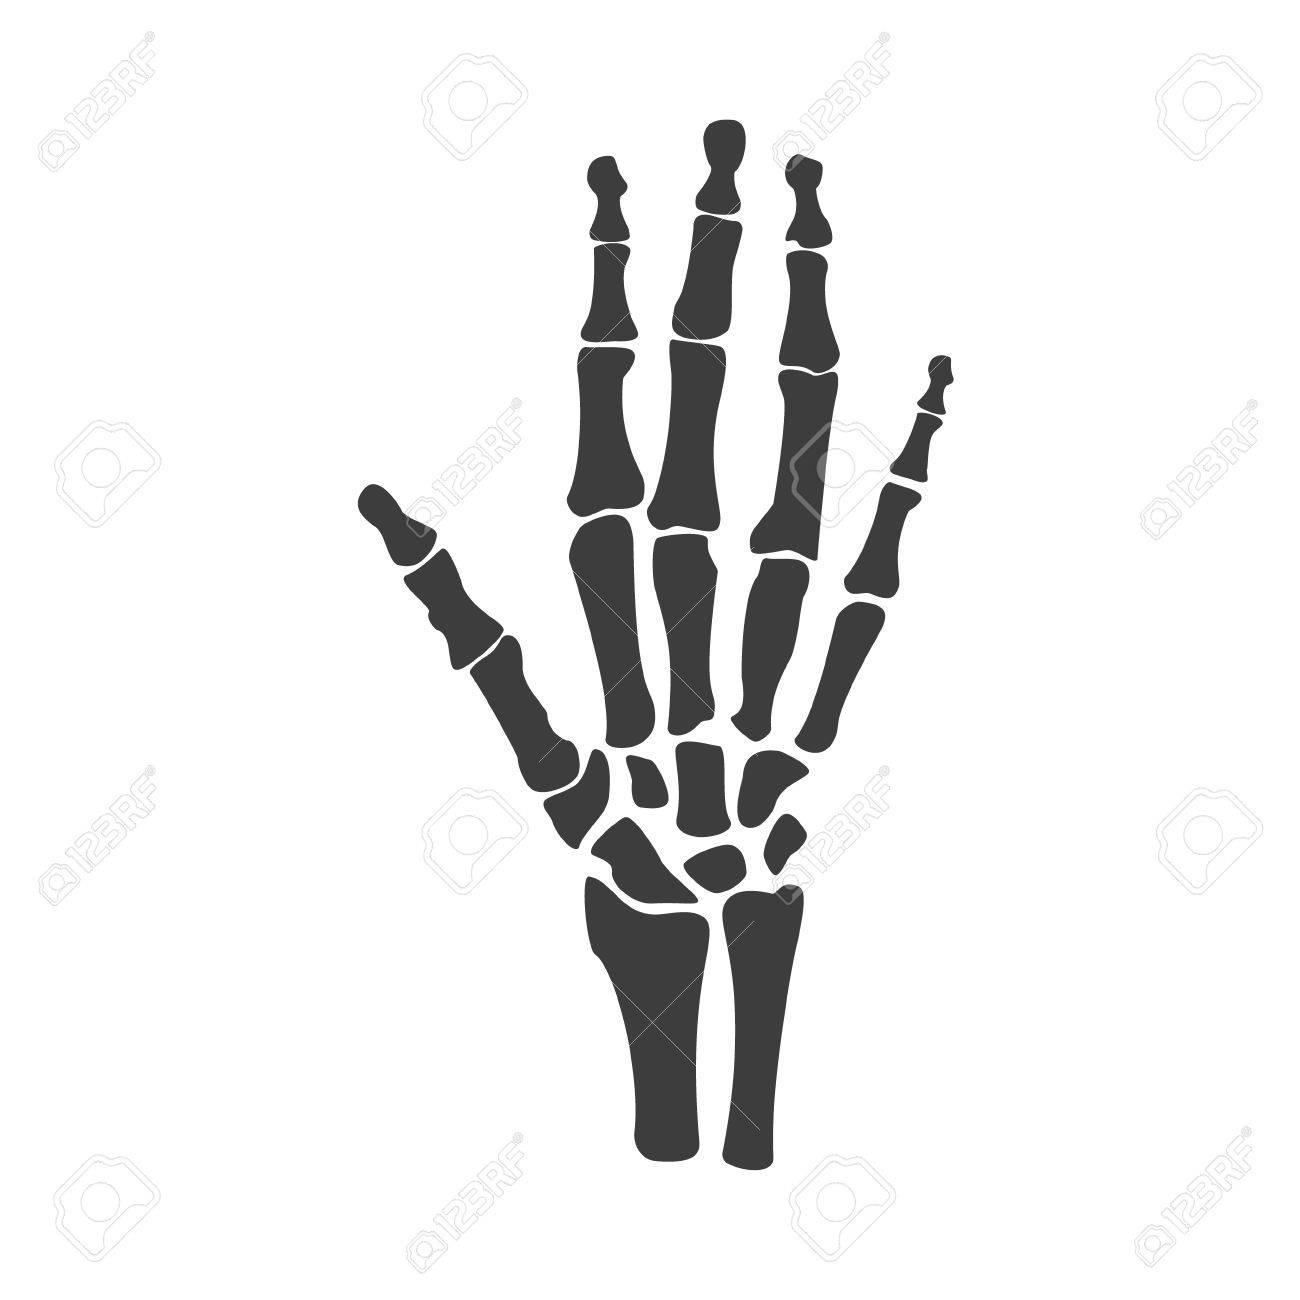 Raster Ilustración Huesos De La Mano. Icono De Esqueleto De La Mano ...